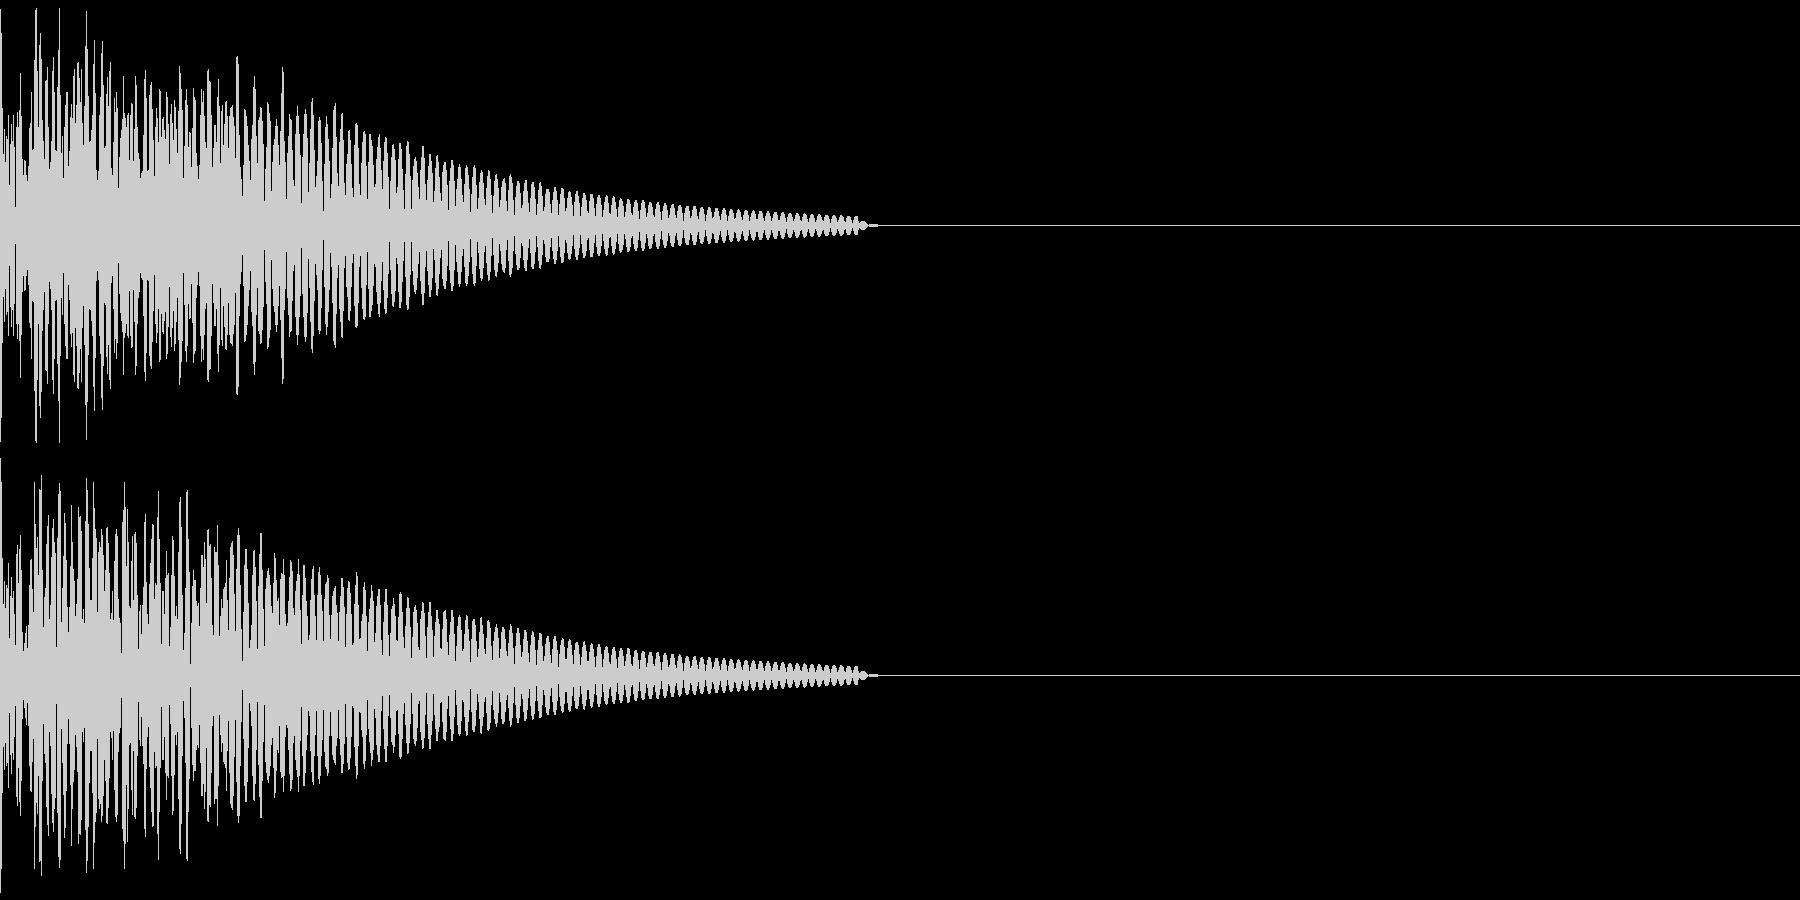 キック/壮大/広範囲/ドラム/低音/1Bの未再生の波形